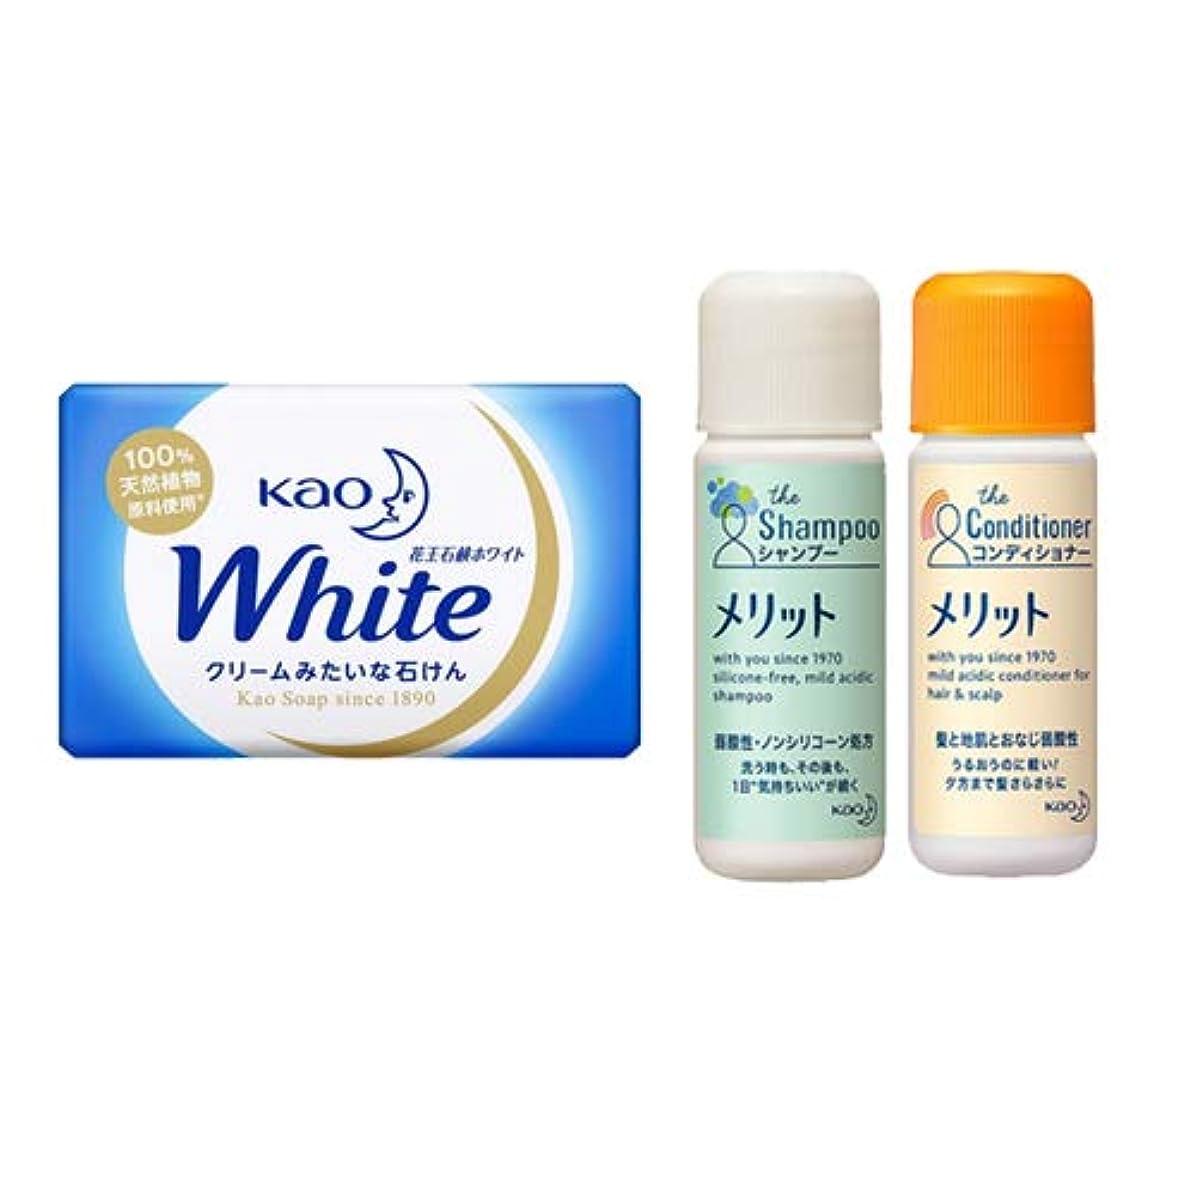 九月形成オーロック花王(KAO) 石鹸ホワイト(Kao Soap White) 15g + メリットシャンプー 16ml + リンス 16ml セット